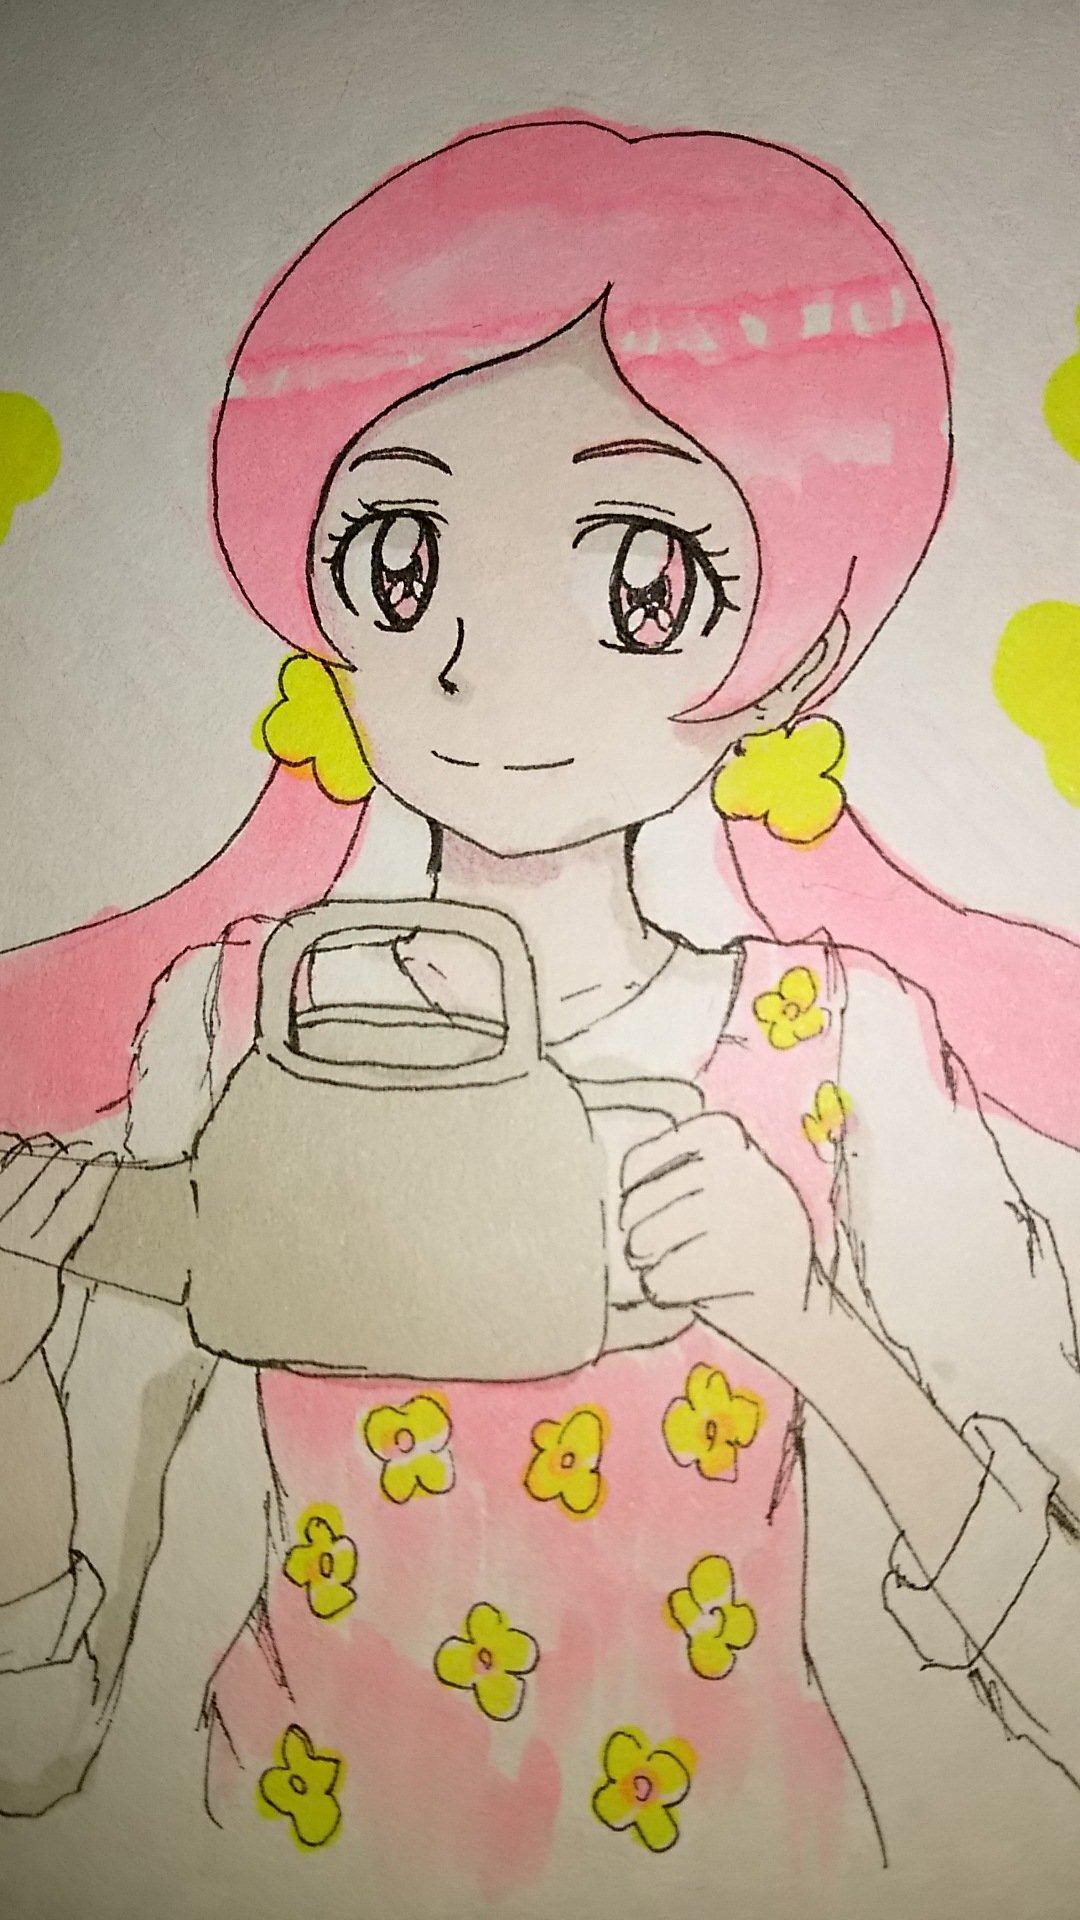 まつやん (@yuyunini96)さんのイラスト